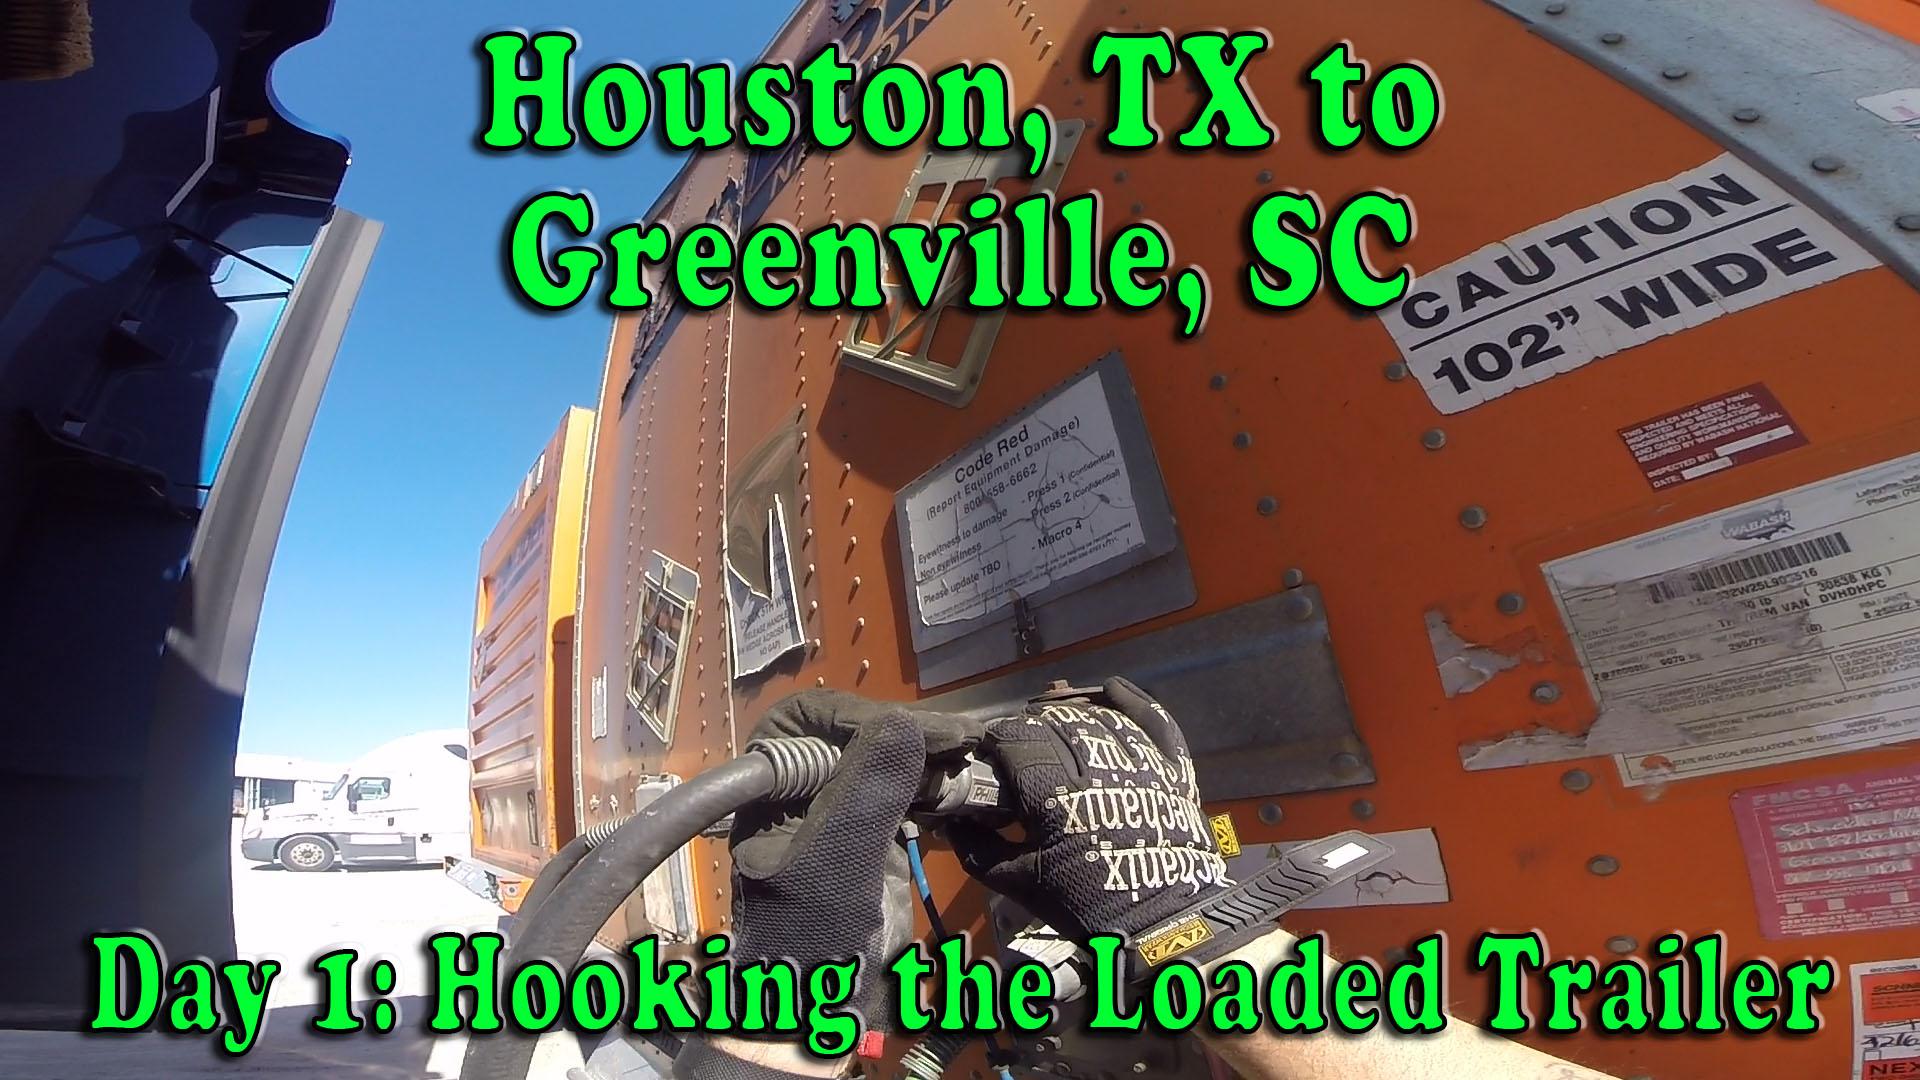 Hook up Greenville SC